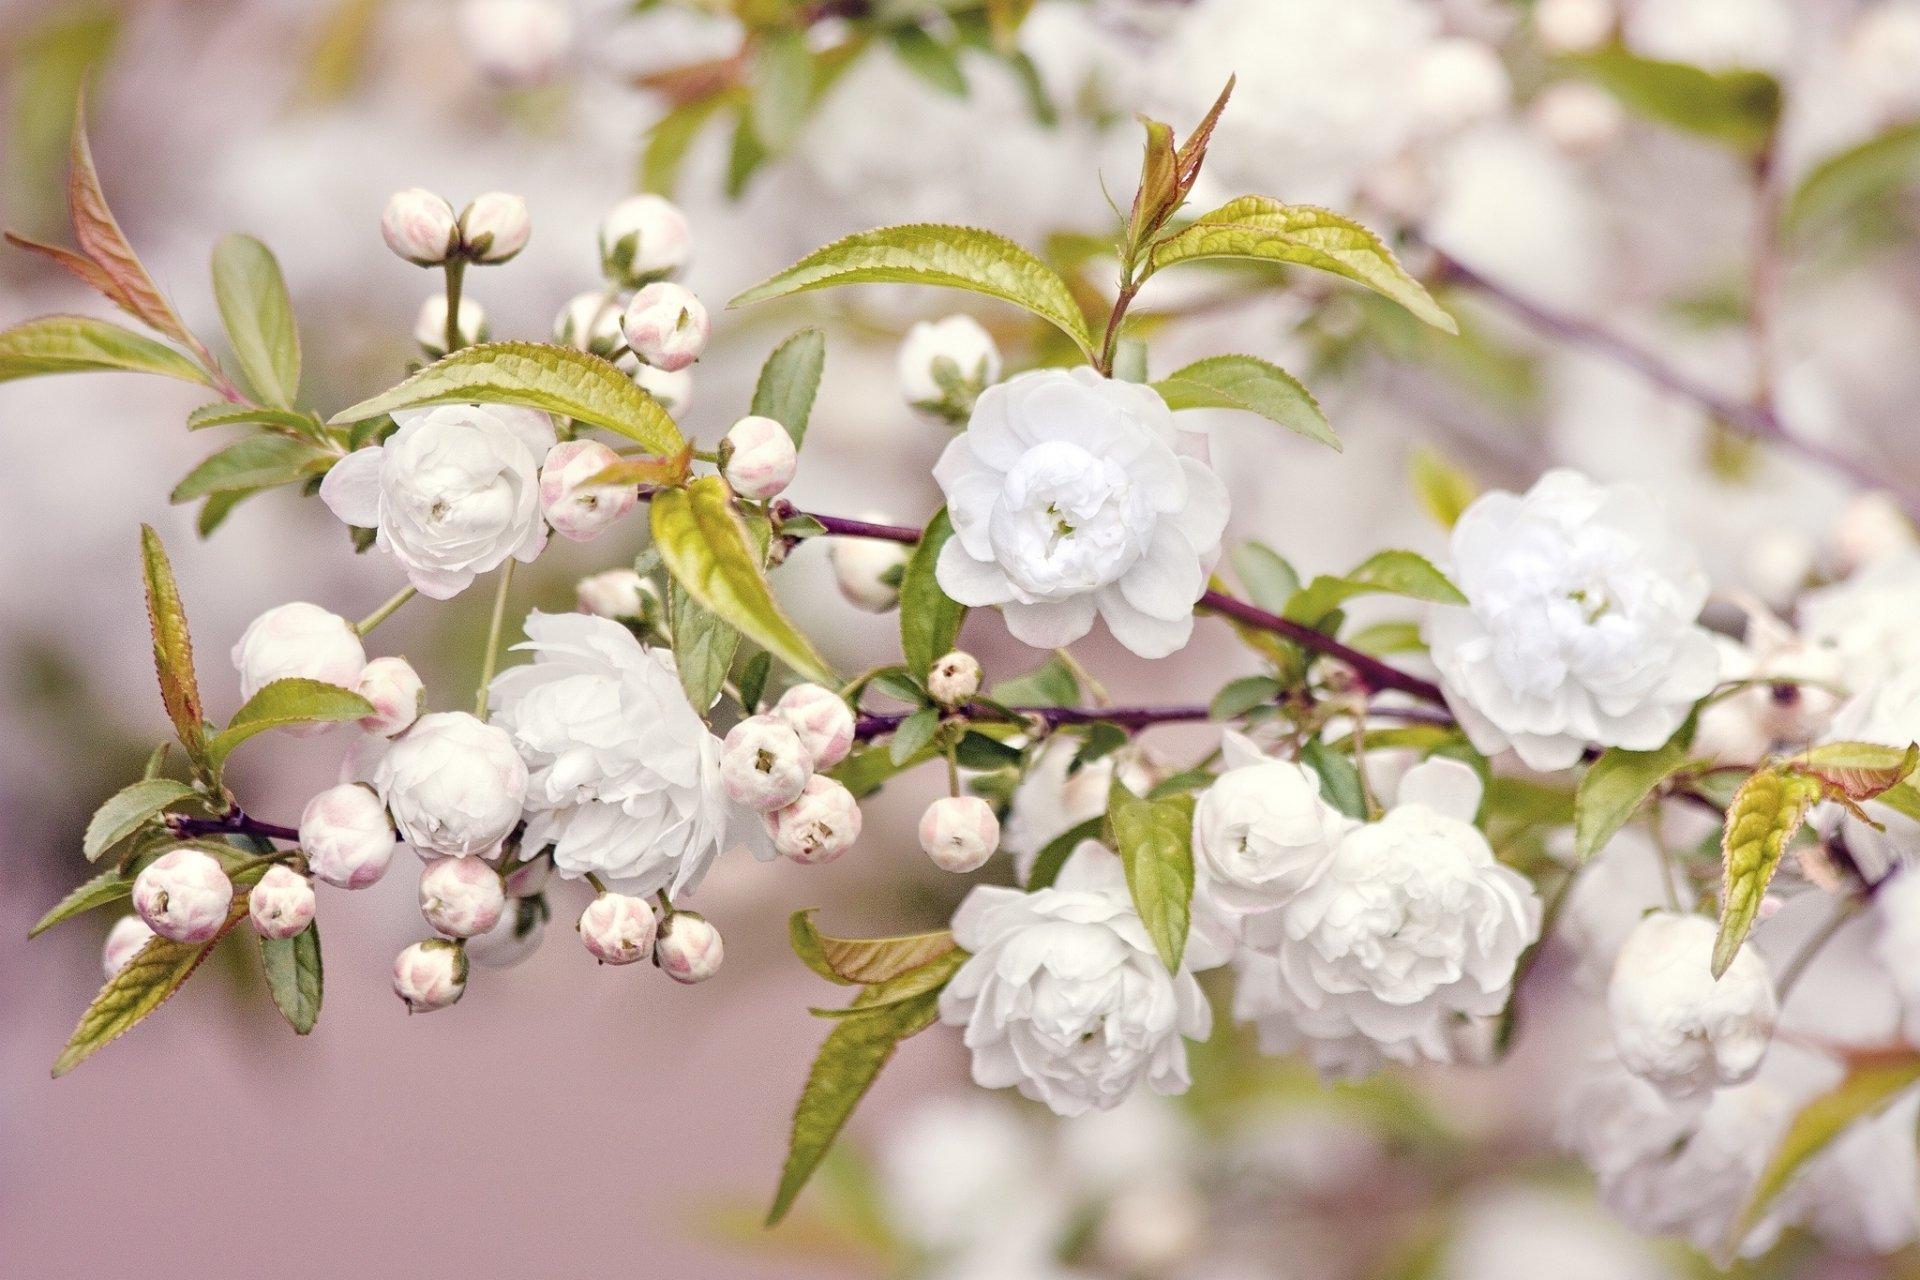 Earth - Blossom  Wallpaper